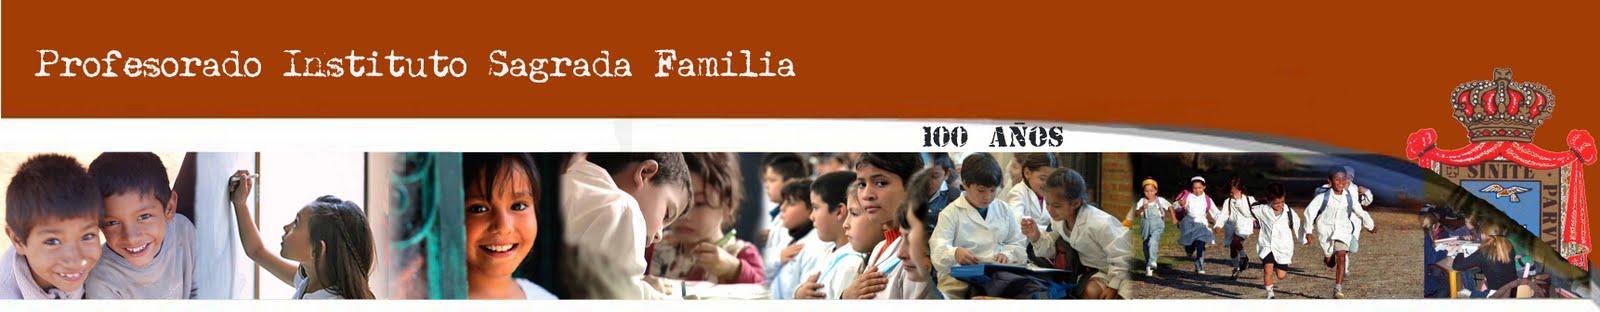 PROFESORADO SAGRADA FAMILIA